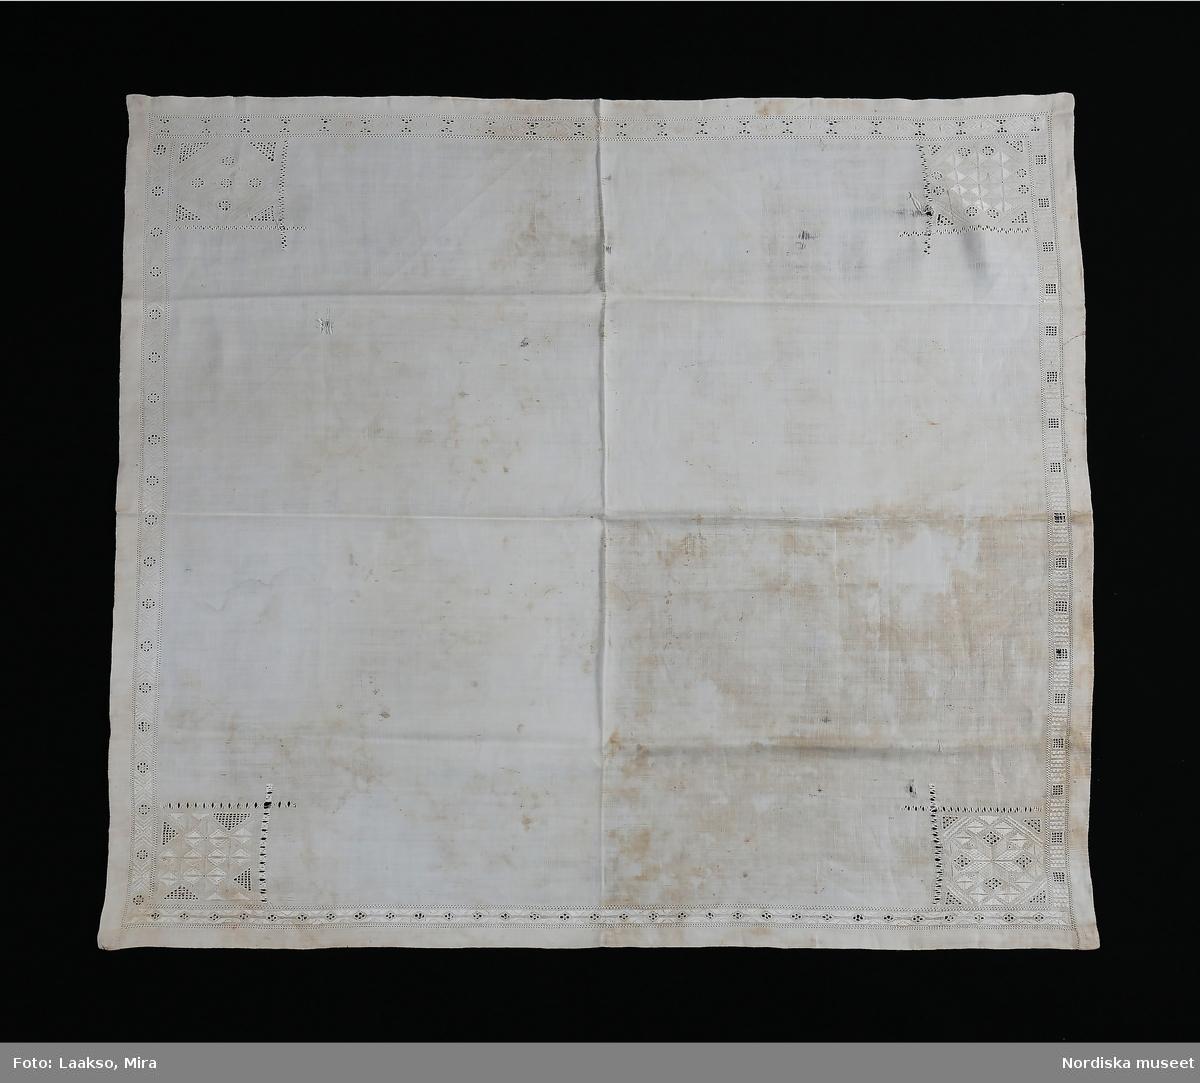 Kvadratiskt kläde av handvävd linnelärft, 2 cm breda fållar runtom, kantbård 2 cm bred i rätlinjig plattsöm och utskårssöm med dubbla rader enkel utdragssöm  längs med bården. Varje sida har ett eget mönster. I hörnen kvadratiska broderier i vitt lingarn 10 x 10 cm i samma tekniker. Olika mönster i alla hörnen. På avigan finns i varje hörn en tränsad hank för att fästa en dinglande lapp oftast broderad och kantad med spets. Själva handklädet kan också ha varit kantat med en spets. Denna typ av linnekläde från södra Småland hör till samma dräktområde som Skåne och Blekinge där liknande kläden använts till högtidsdräkten som handkläde och vid kyrkbesök som bokkläde kring psalmbokem. Vid stora kalas har det även kunnat användas som förningsduk kring medförda varor.  Vid begravningar har det även kunnat bäras som huvudduk. /Berit Eldvik 2010-06-30